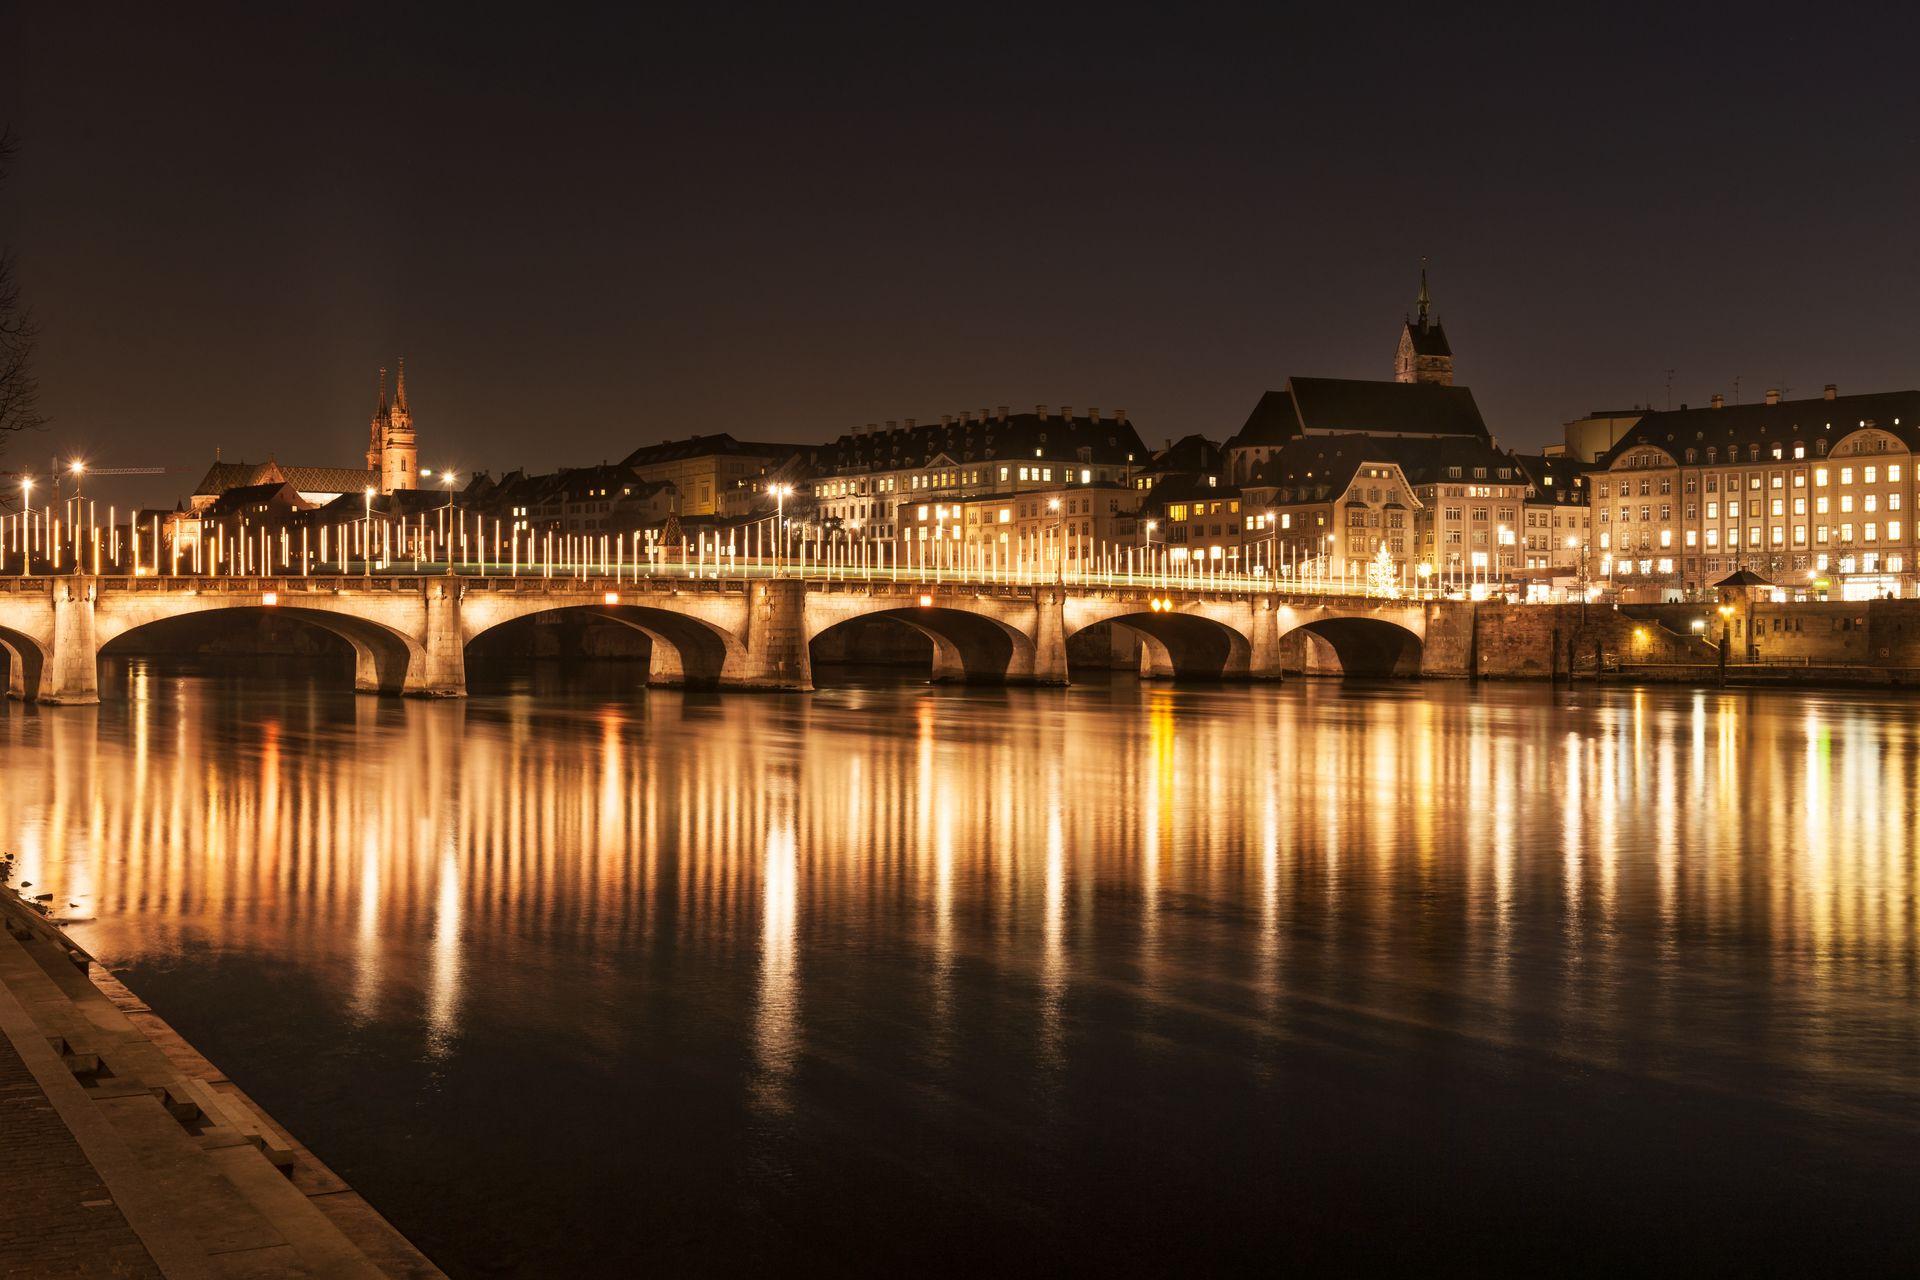 Die Mittlere Brücke mit Weihnachtsbeleuchtung.